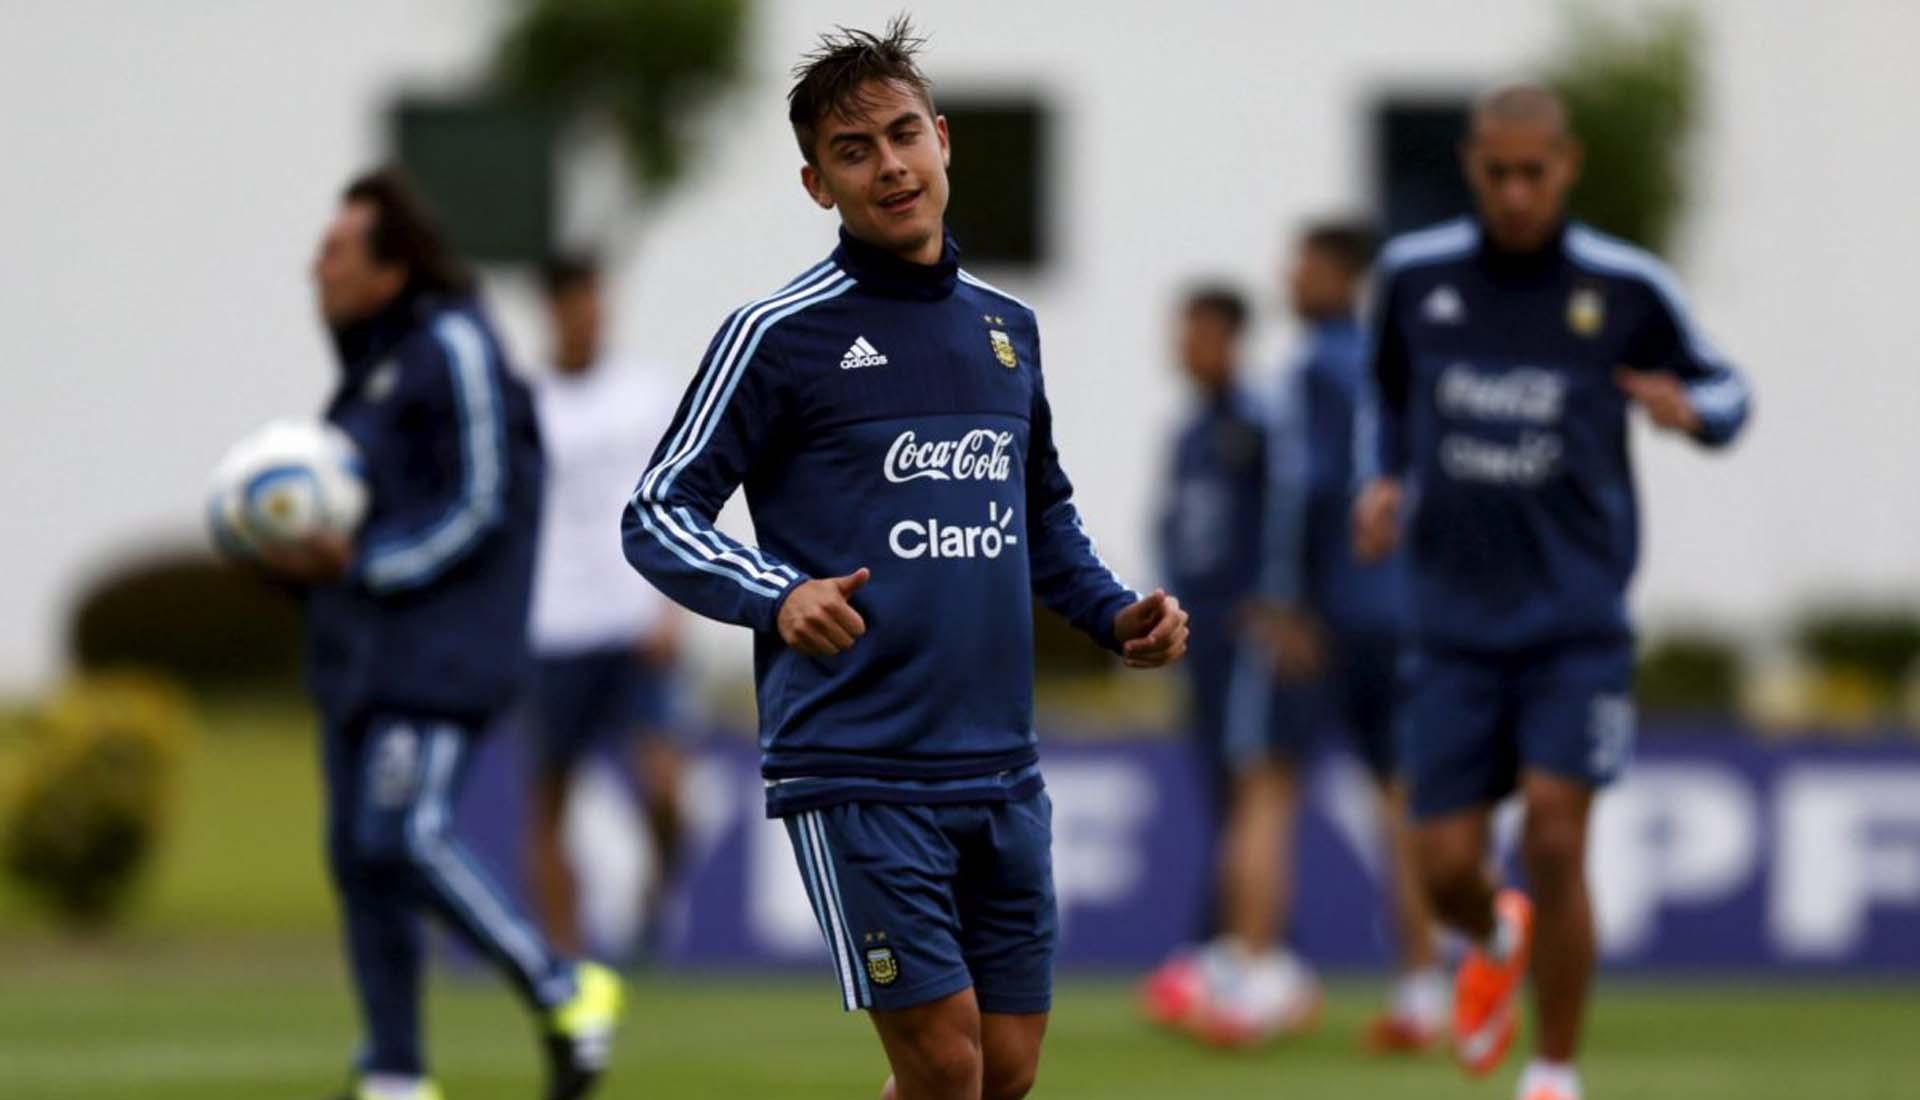 Dybala tập luyện cùng giày đá banh thế hệ mới của Adidas Copa 2021